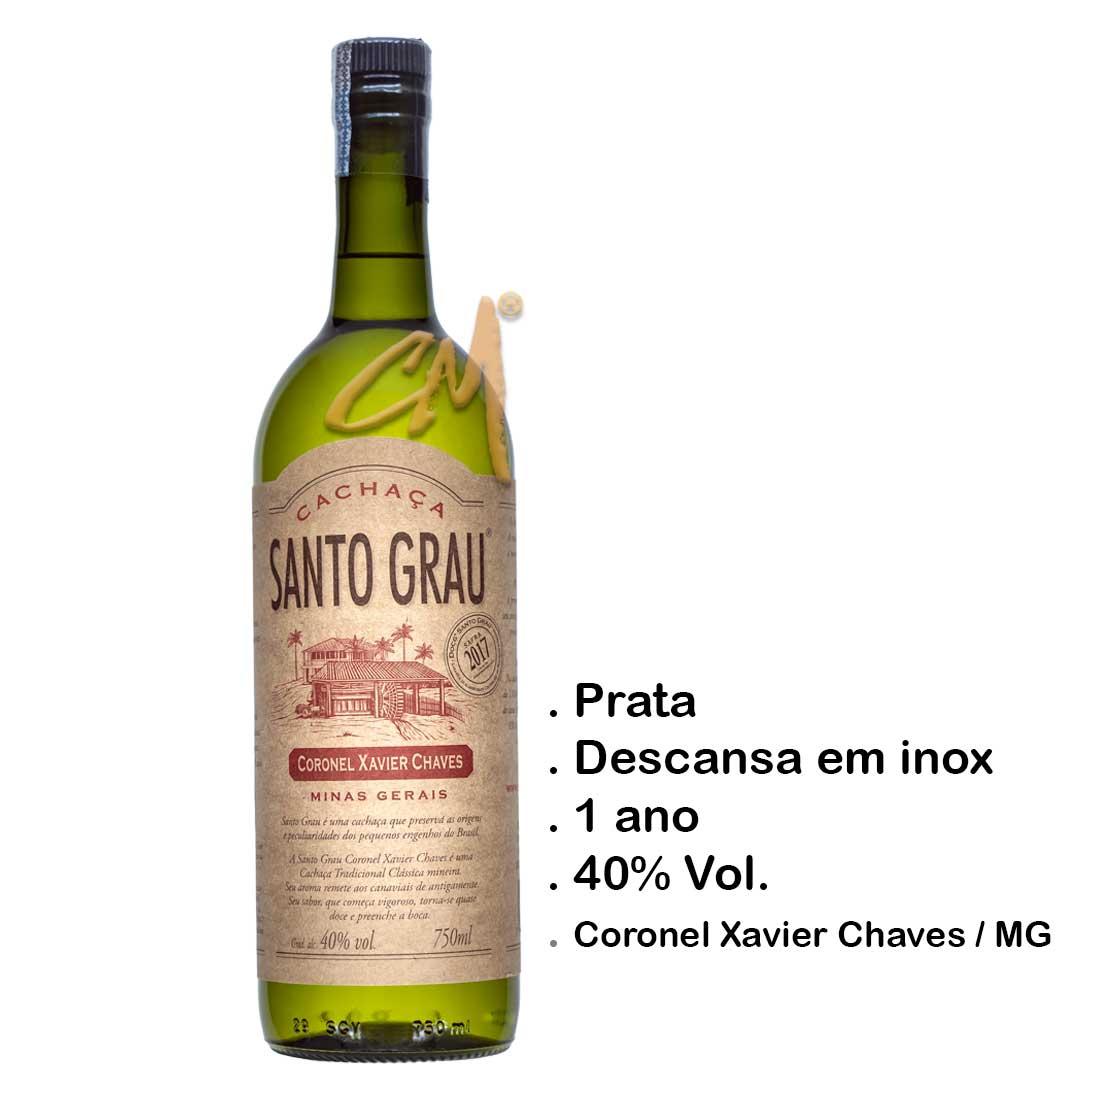 Cachaça Santo Grau Coronel Xavier Chaves 750 ml (Cel. Xavier Chaves - MG)